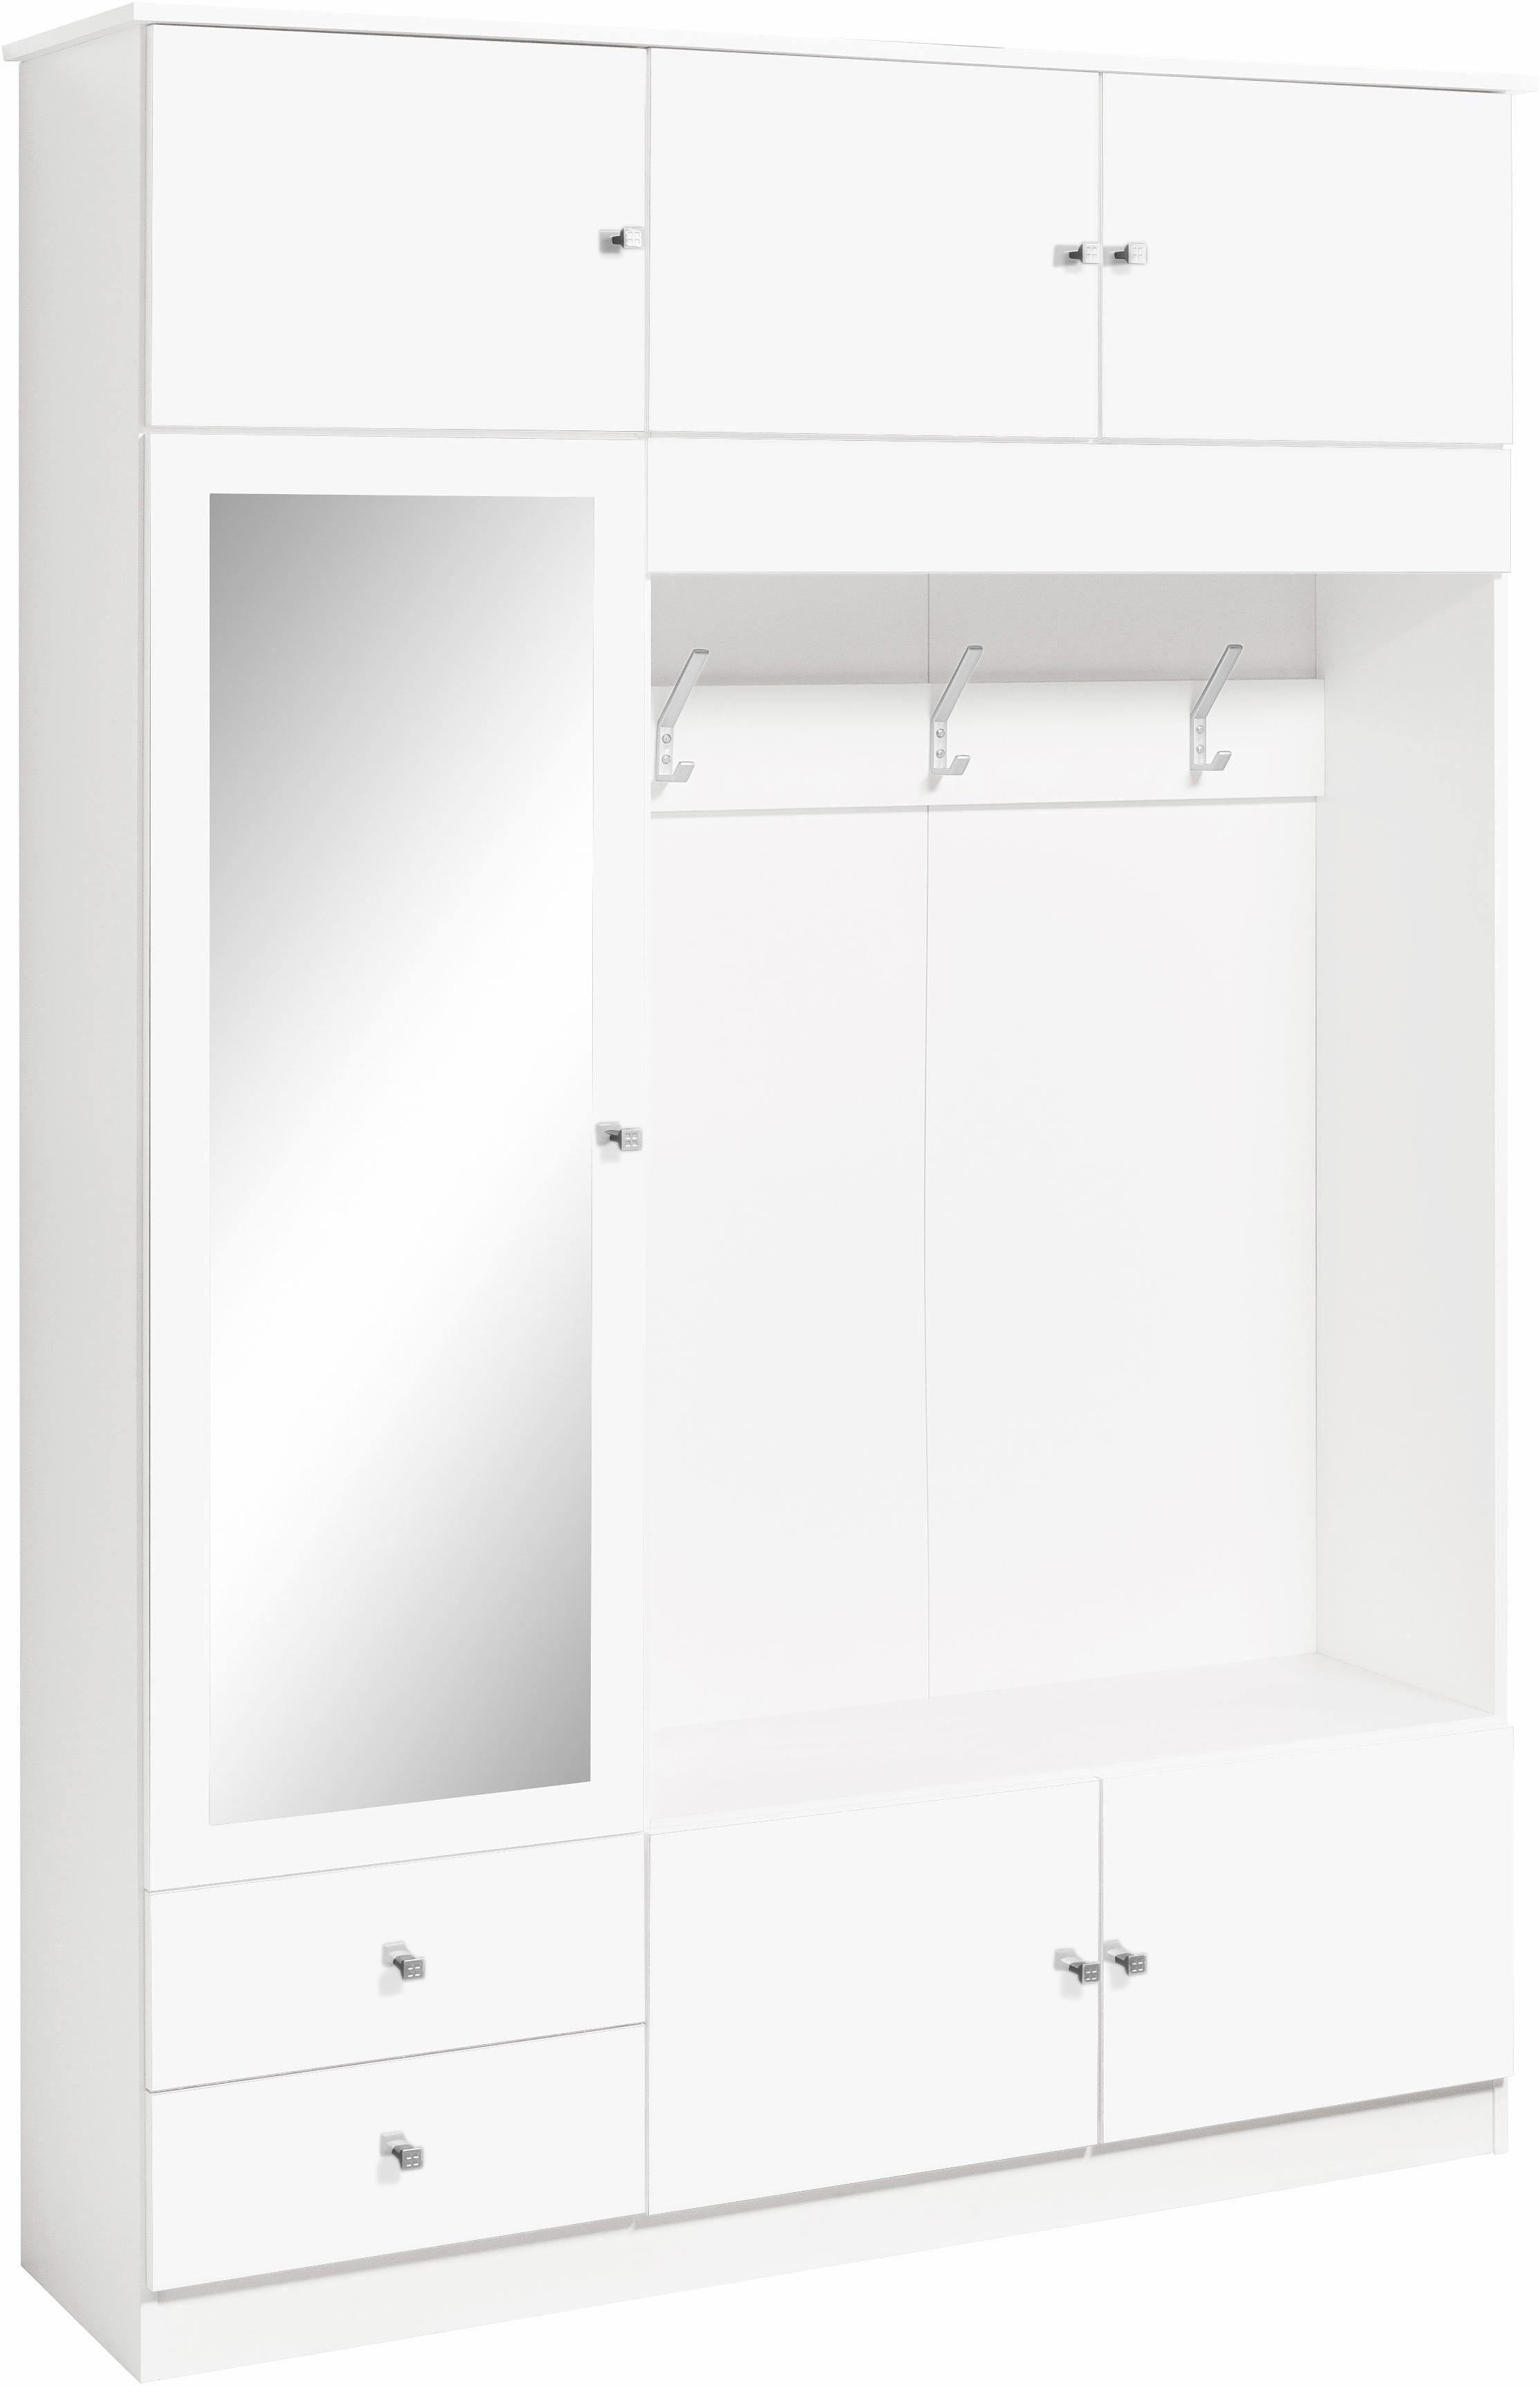 borchardt Möbel Garderobenschrank »Kompakta«, Höhe 202 cm günstig online kaufen